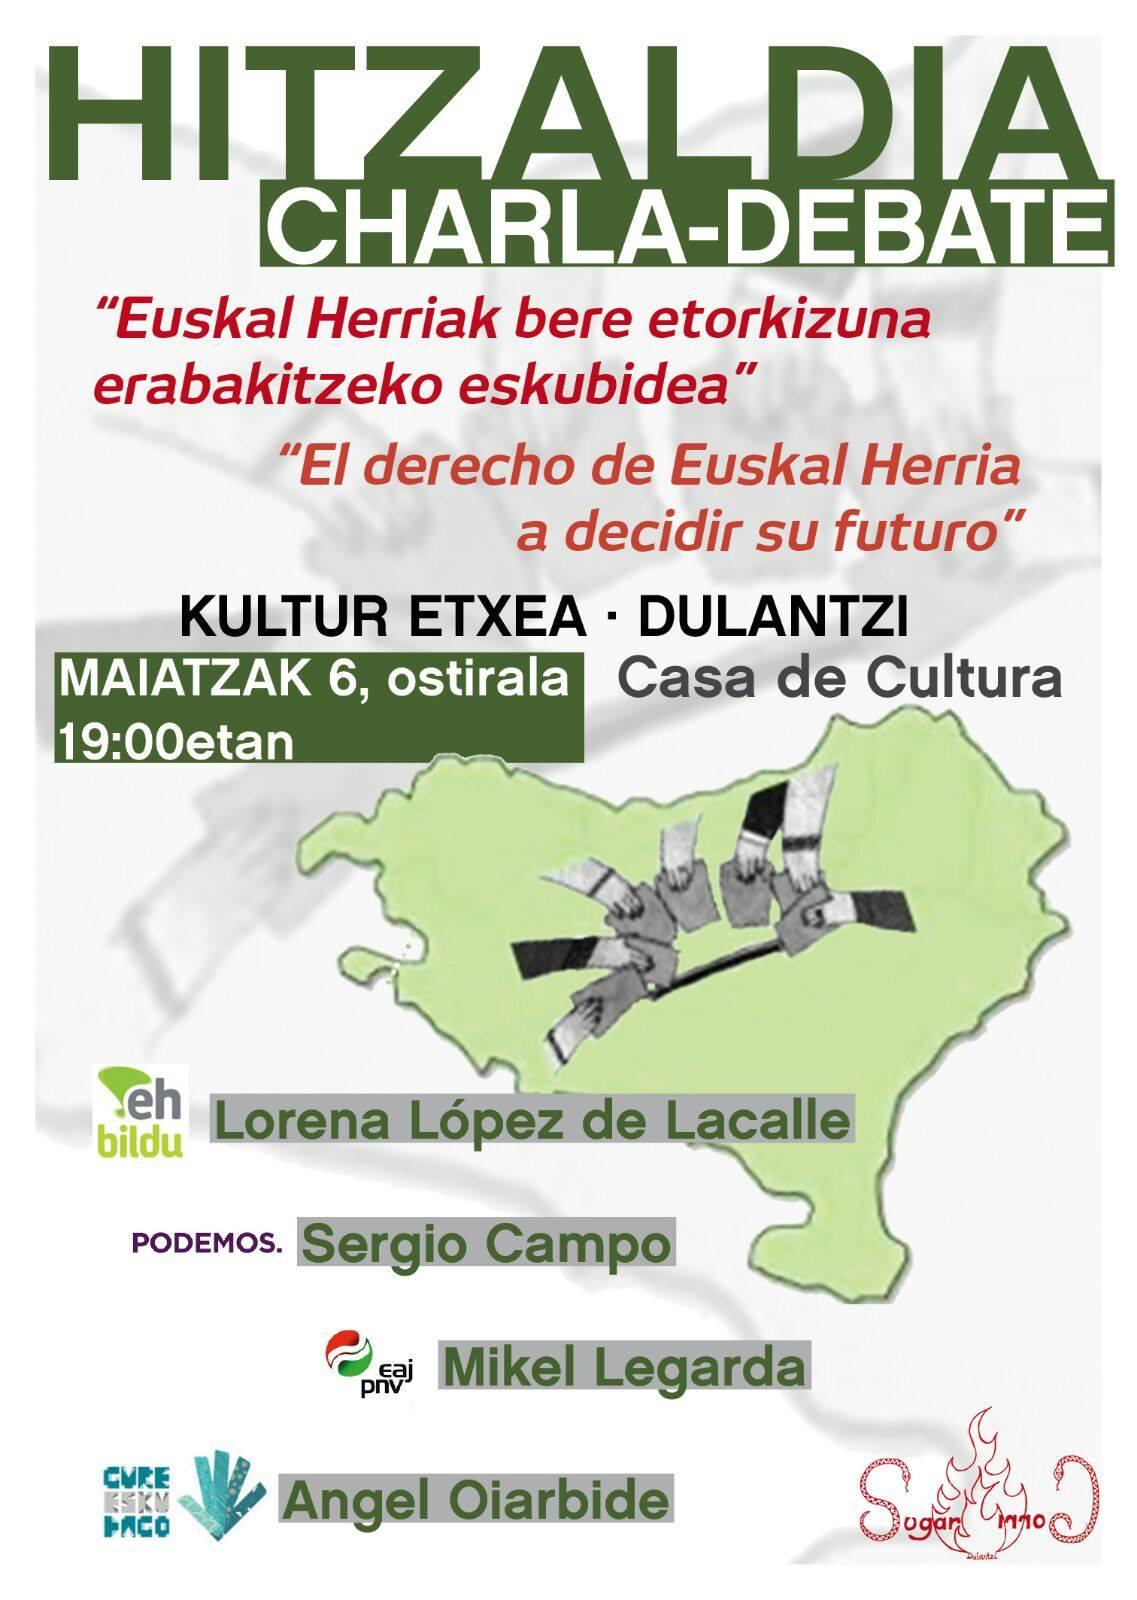 debate-derecho-euskal-herria-decidir-futuro